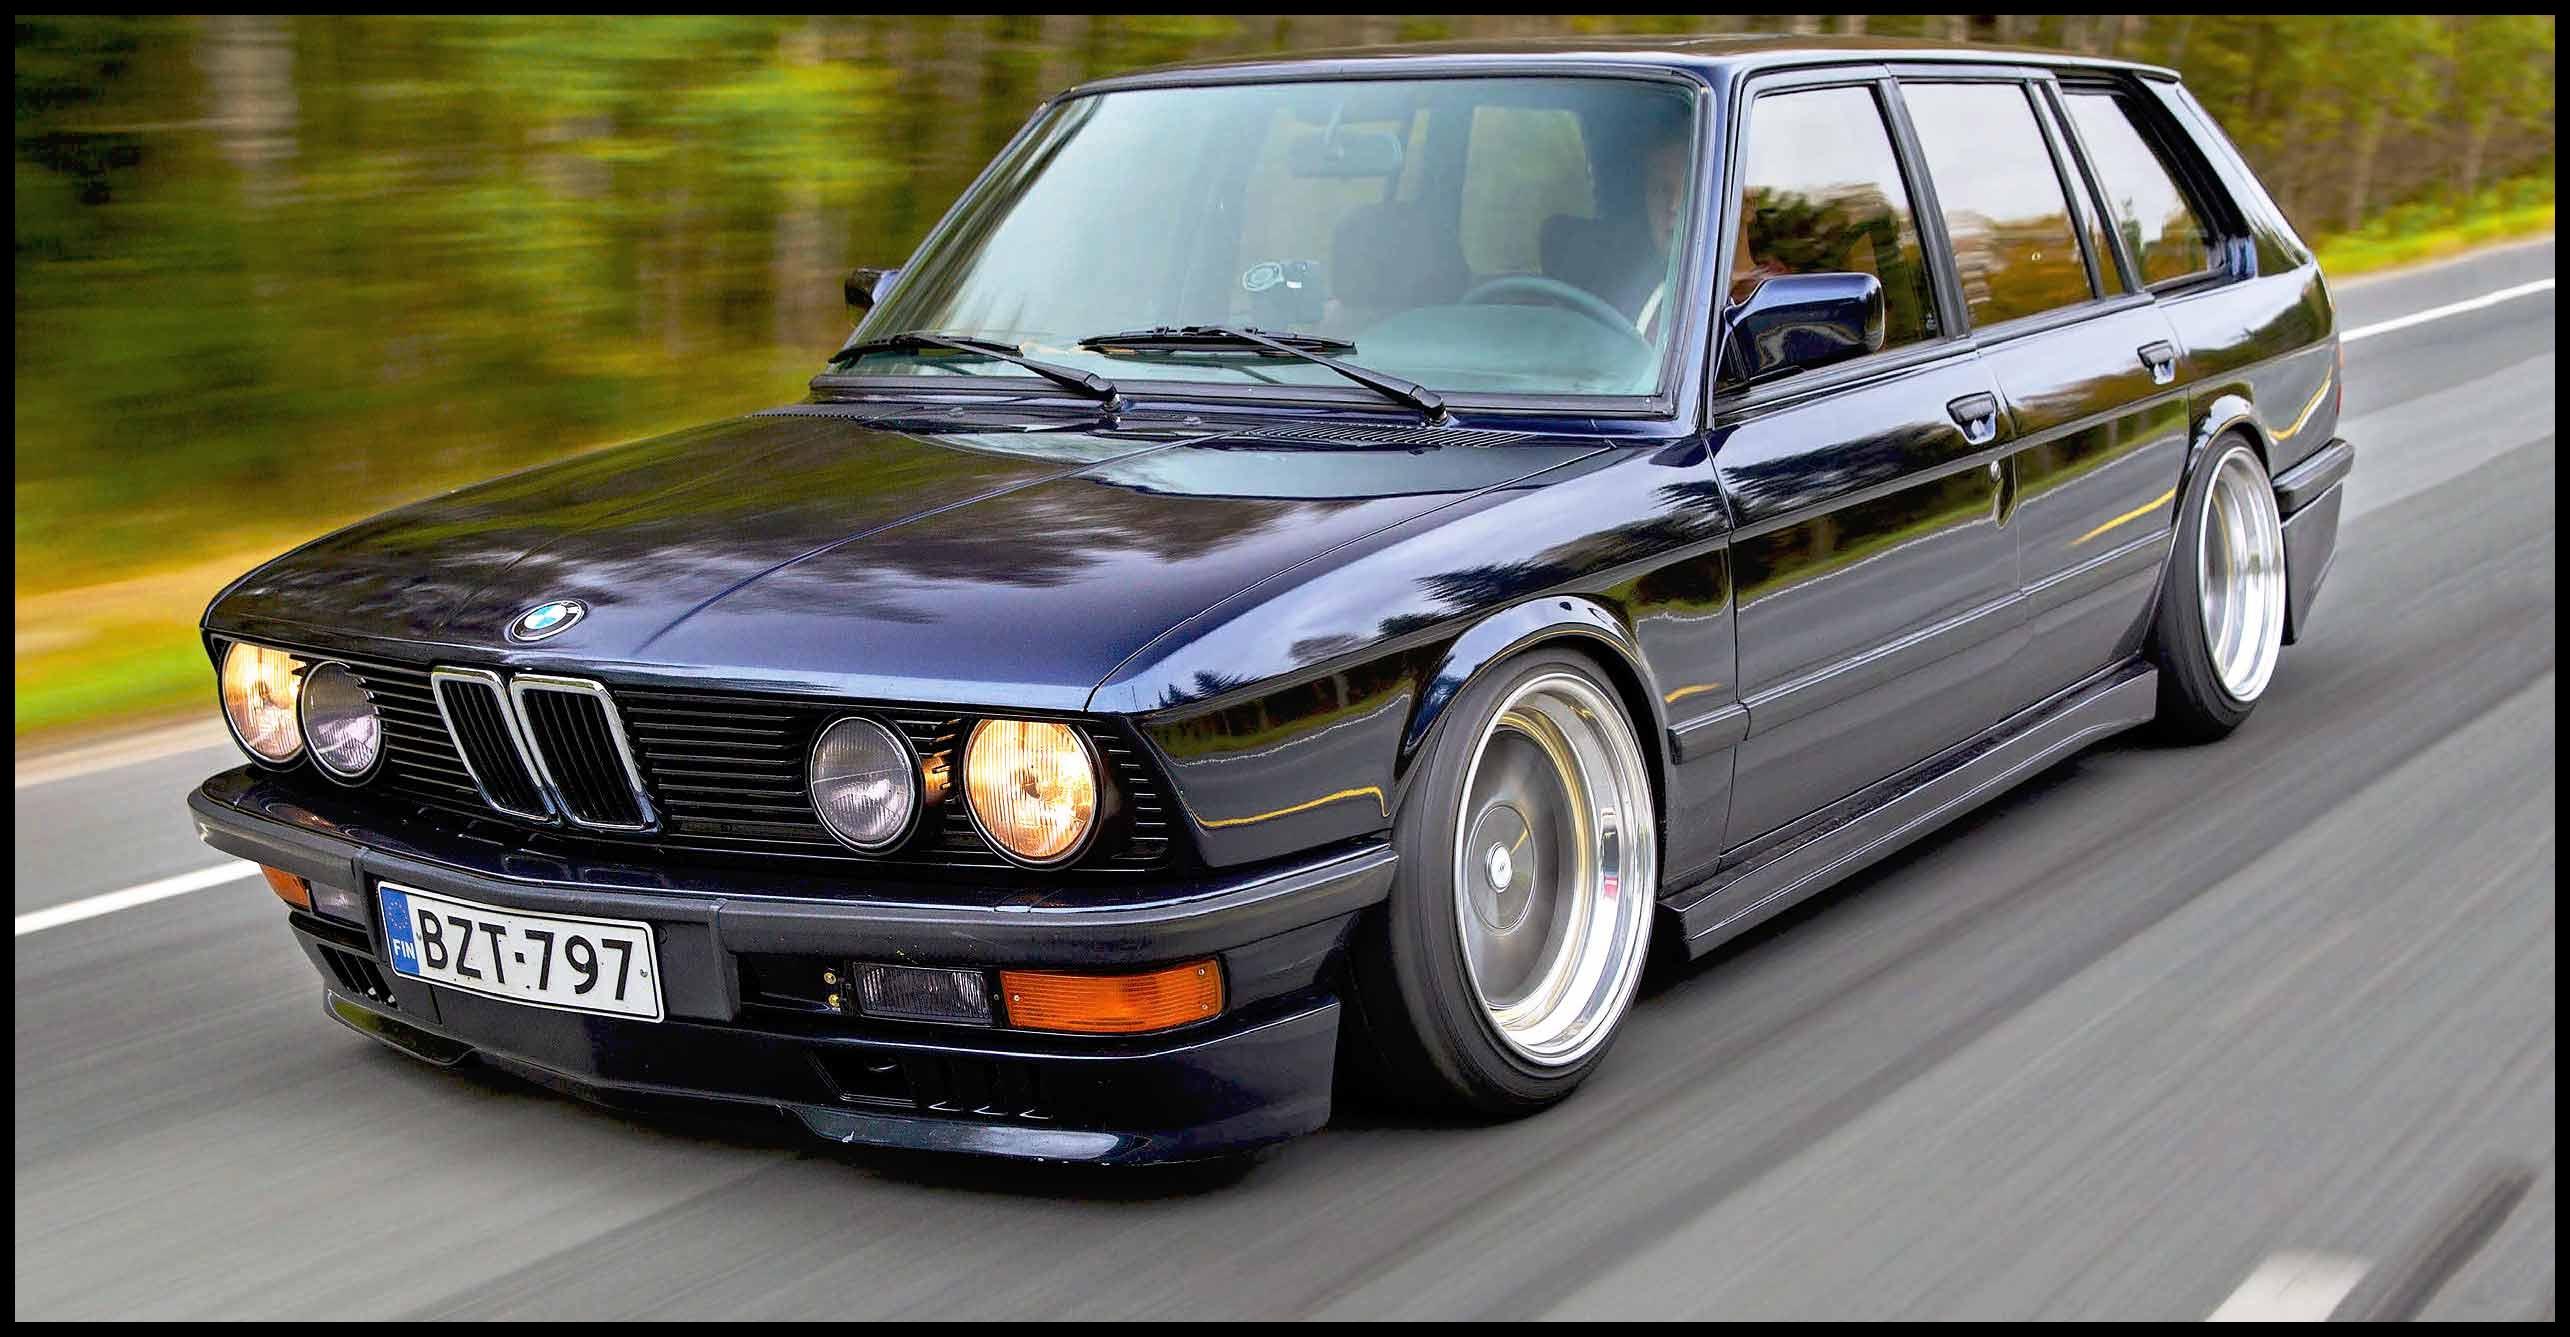 Ultra rare BMW 535i Touring E28